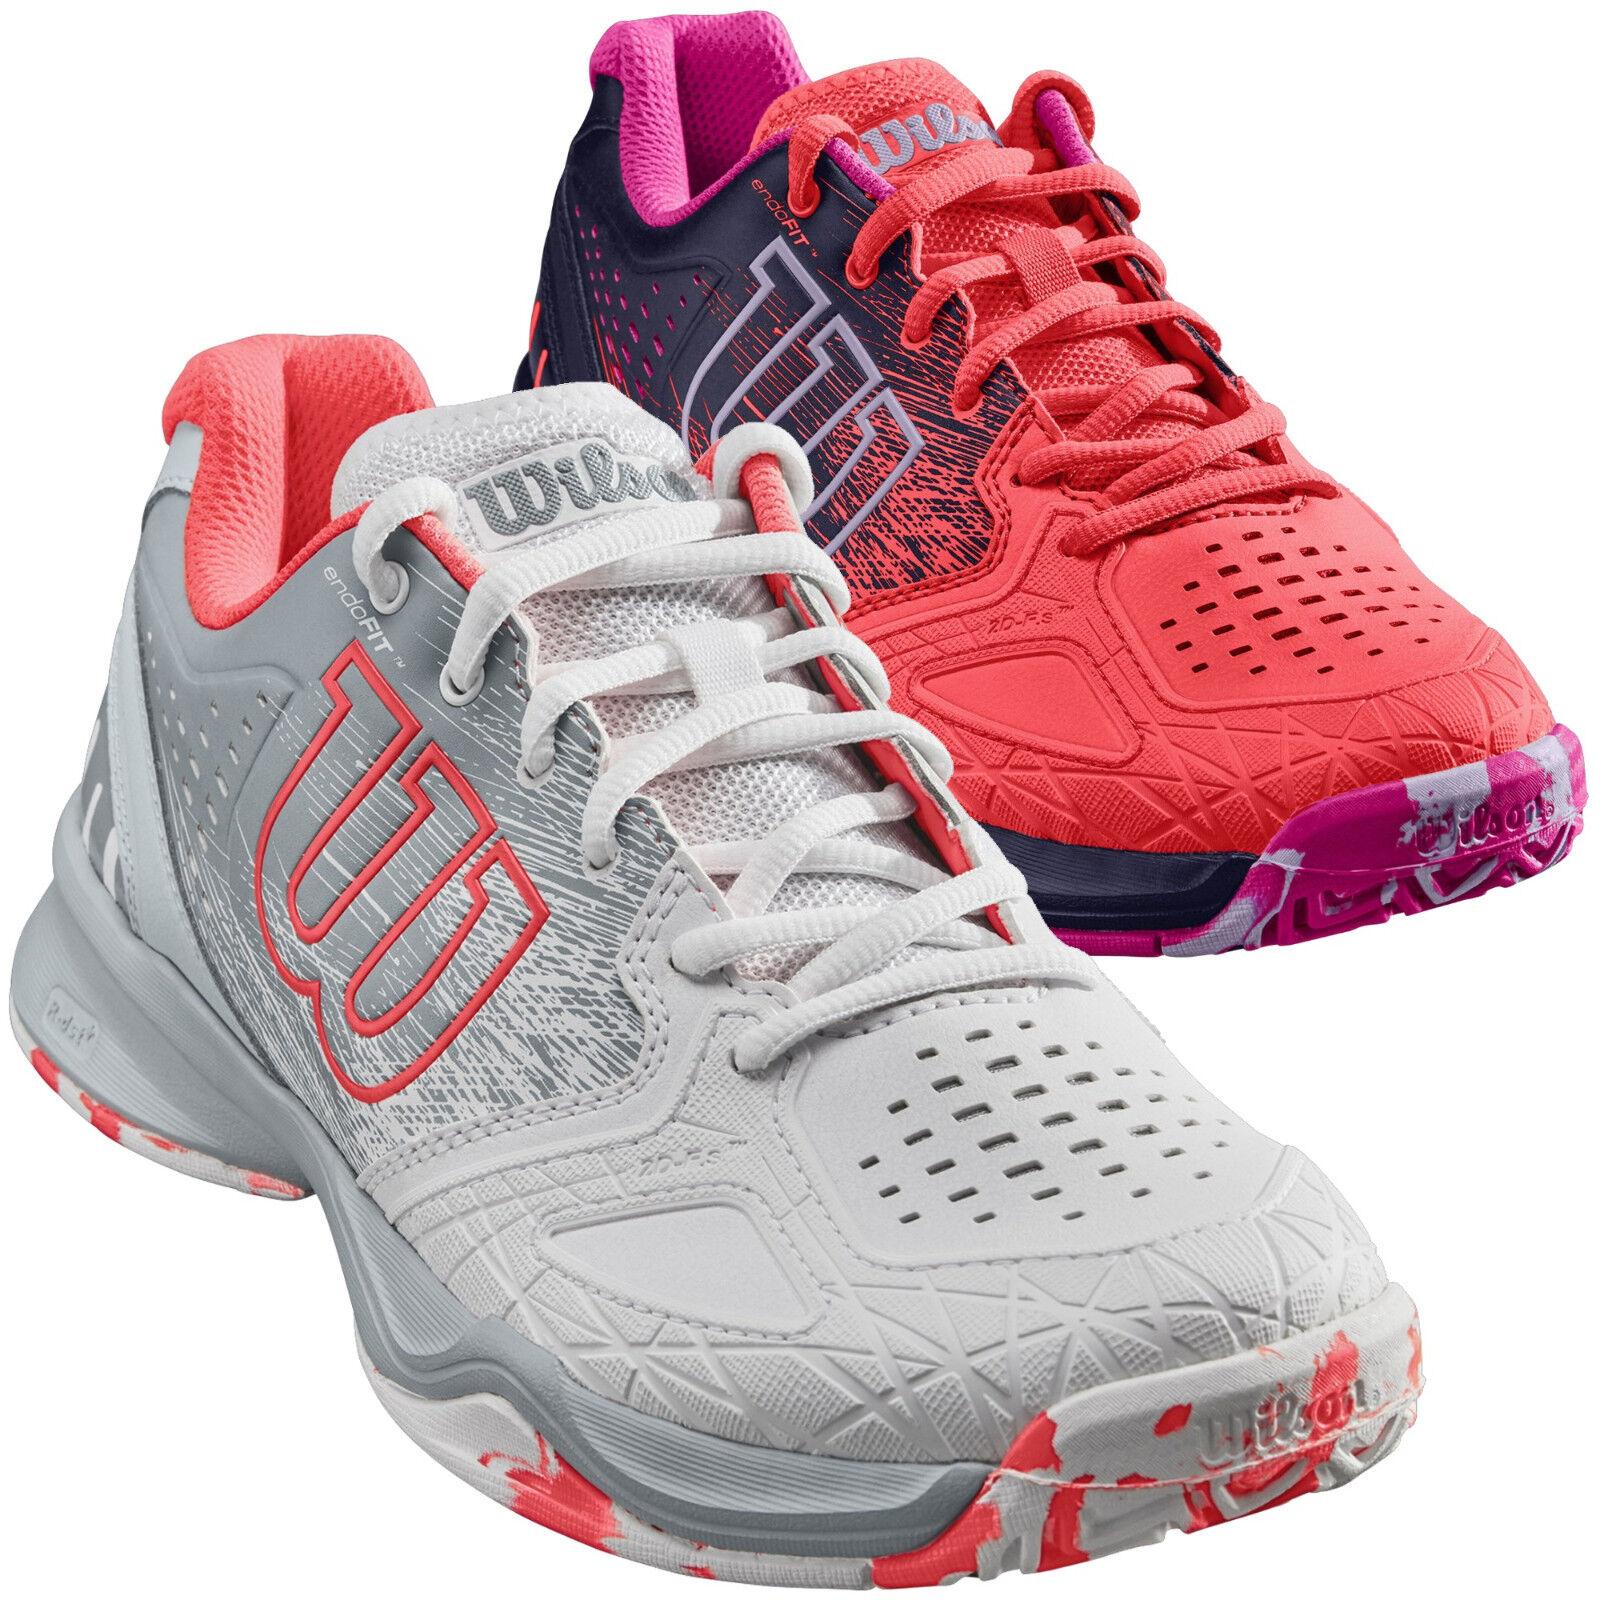 Wilson KAOS COMP Damen Tennisschuhe Outdoor WRS323900 WRS323900 WRS323900 weiß WRS323920 Orange 1dd37b